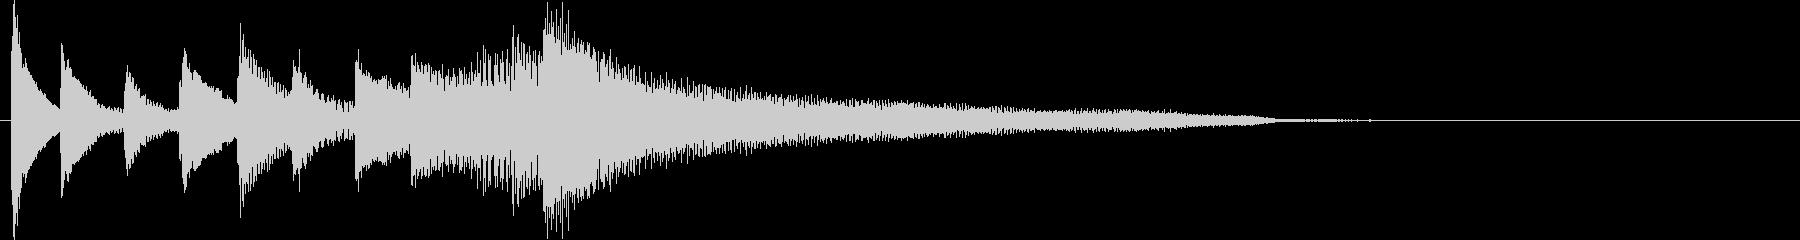 明るい雰囲気のピアノジングルロゴの未再生の波形